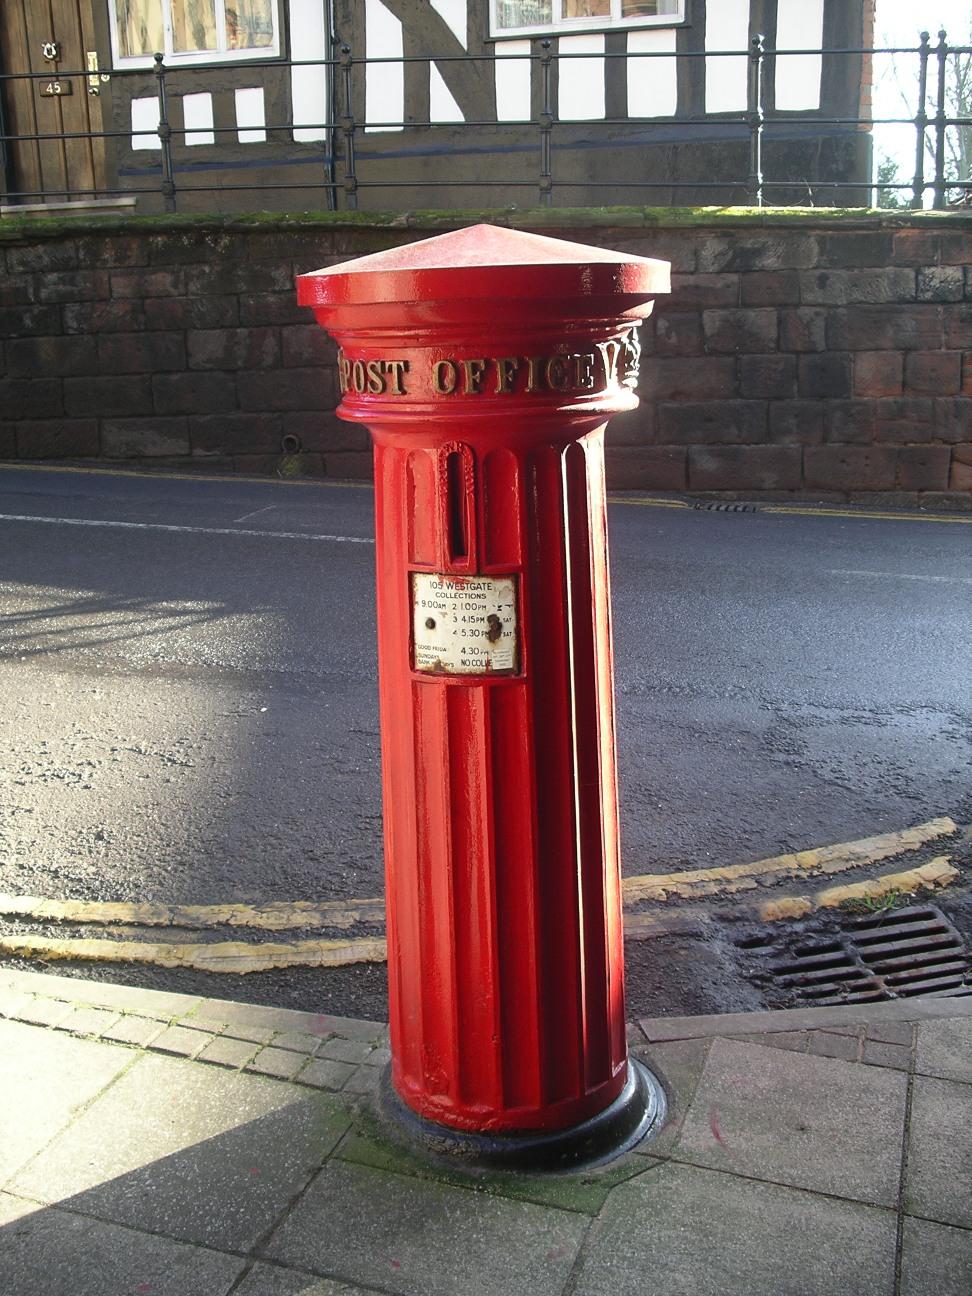 Victorian pillar box, Type PB1/viii, 1856, at Westgate Warwick, England. Photo taken on September 25, 2005.